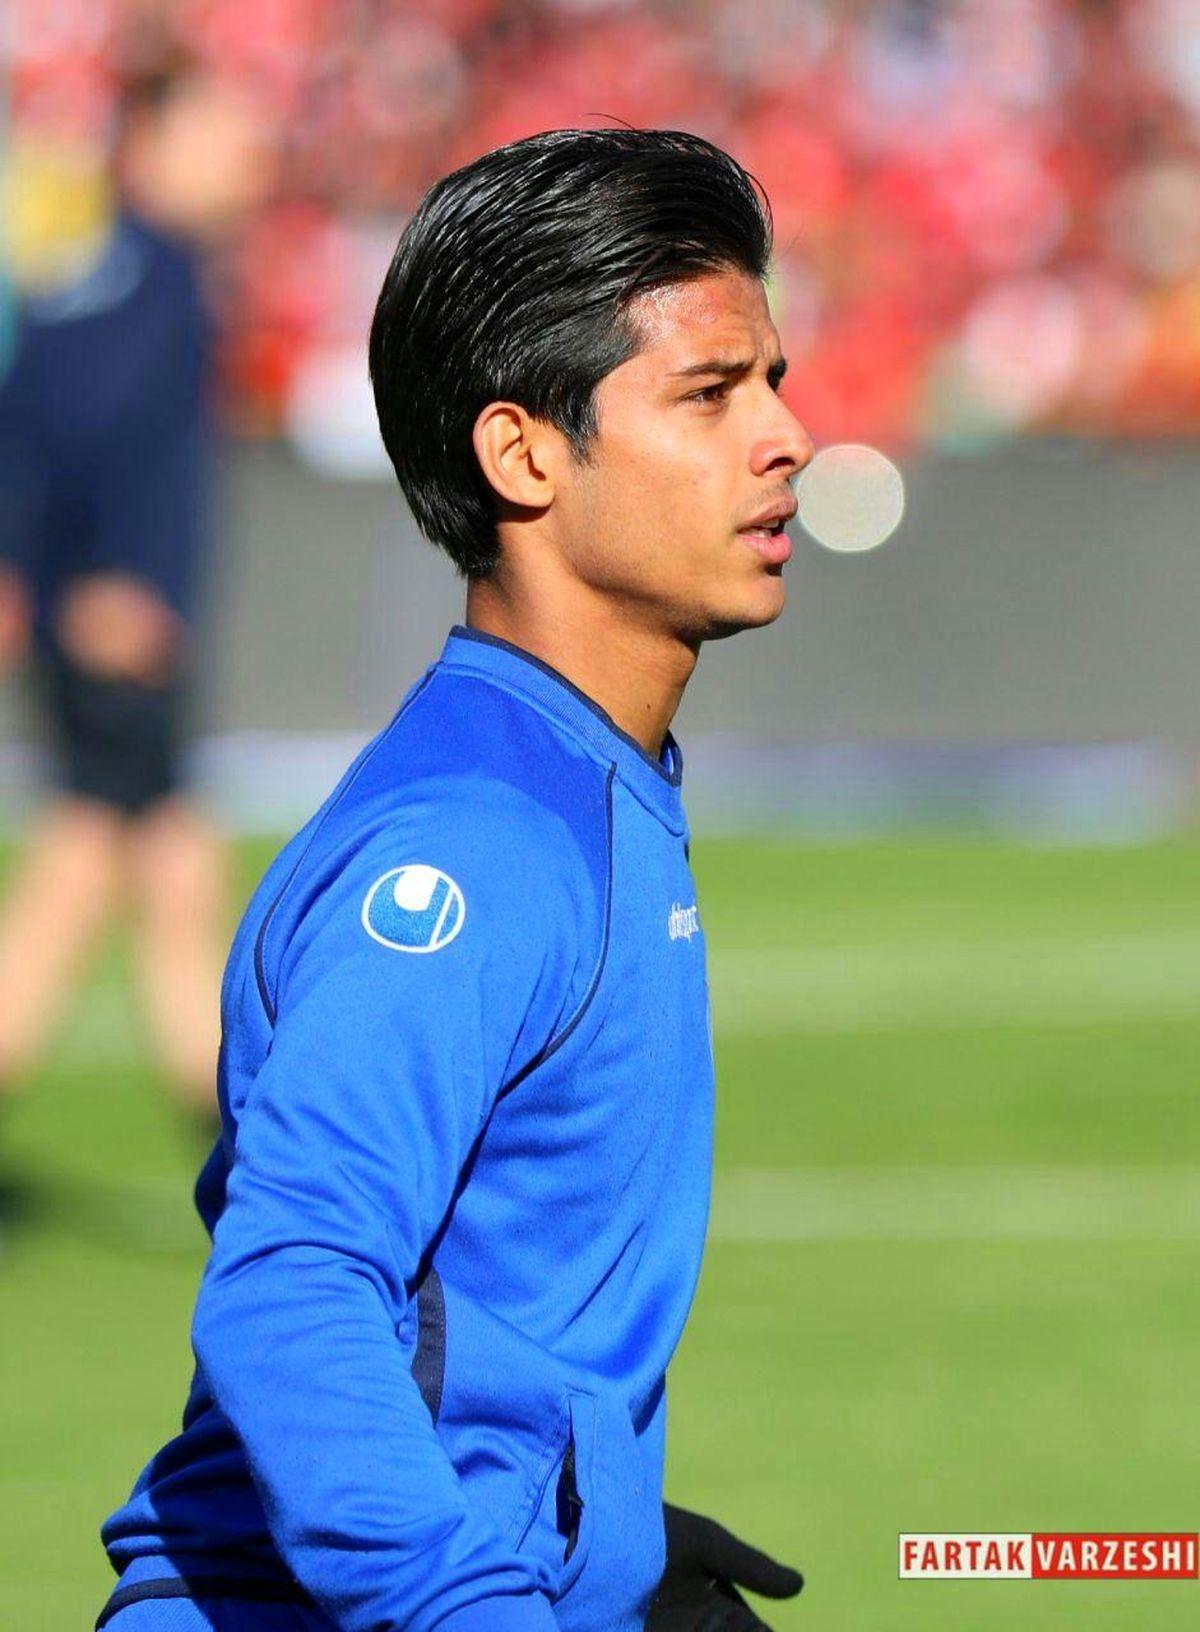 قائدی: امیدوارم سالهای زیادی پیراهن تیم ملی را بر تن کنم